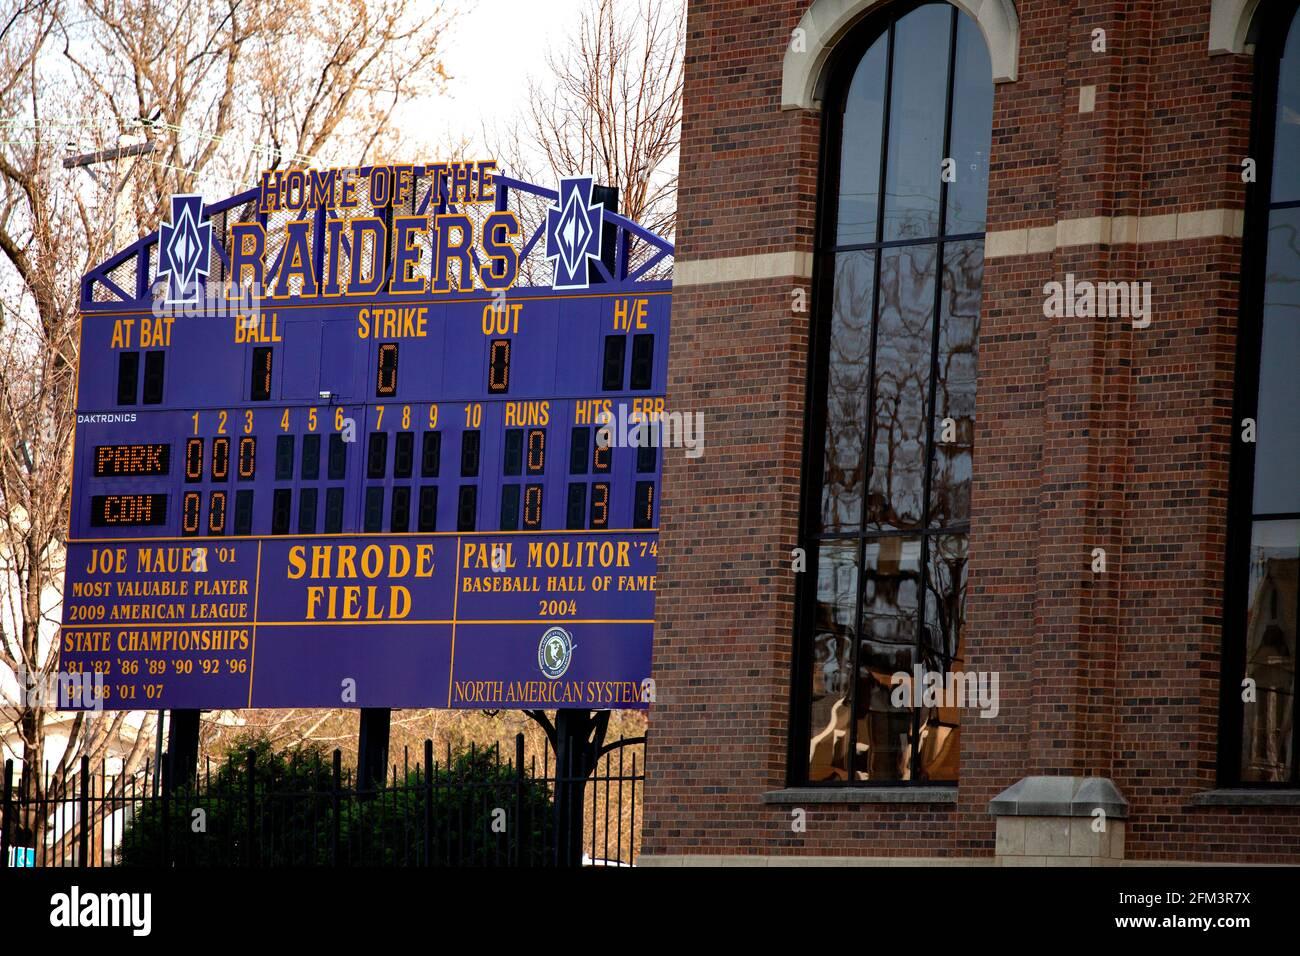 Marcador de béisbol en la Escuela Secundaria Cretín Durham Hall Shrode Field reconociendo a los atletas Joe Mauer y Paul Molitor. St Paul Minnesota MN EE.UU Foto de stock